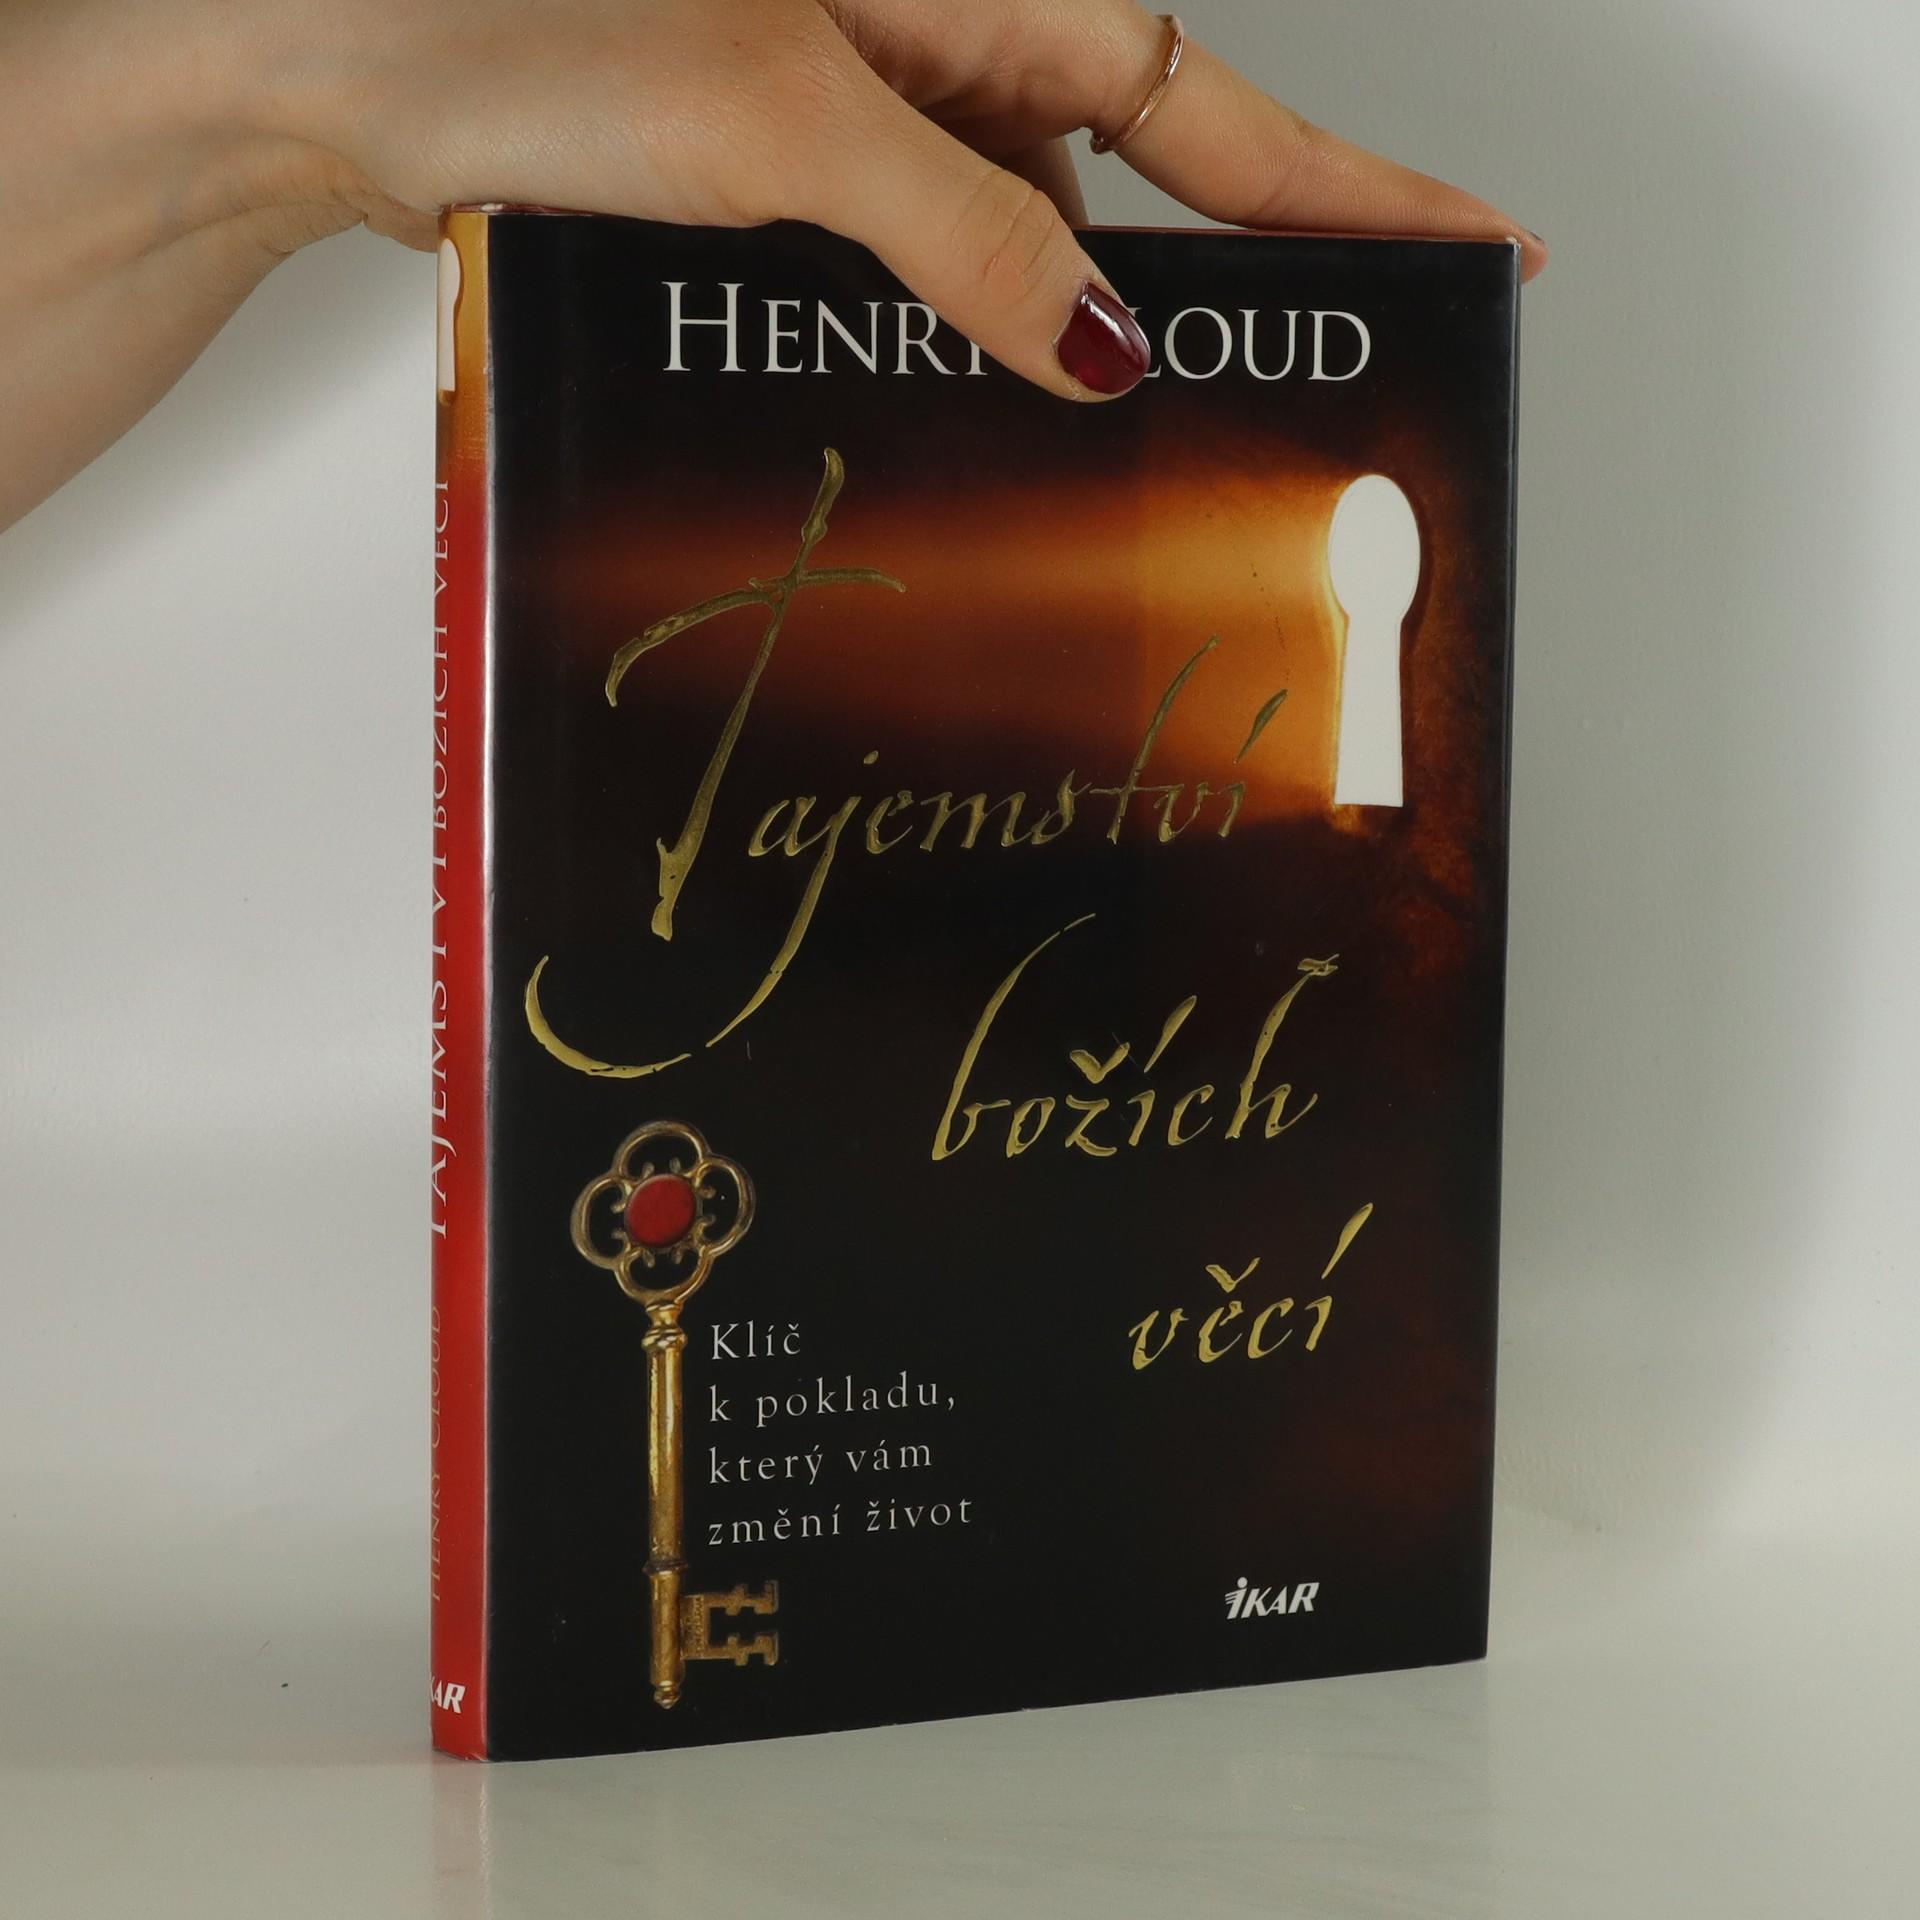 antikvární kniha Tajemství božích věcí : klíč k pokladu, který vám změní život, 2010